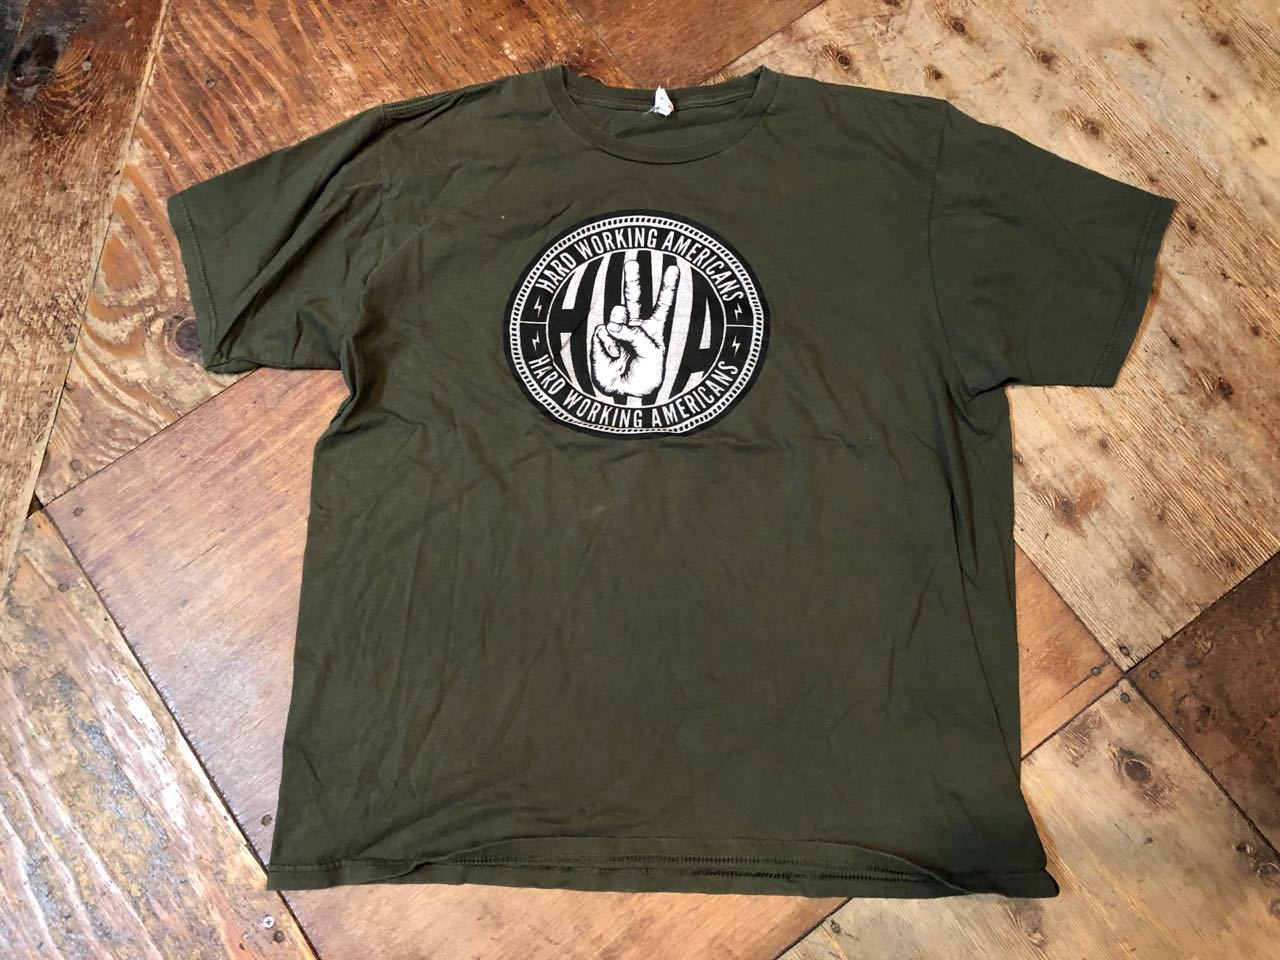 4月9日(火)入荷!HARD WARK AMERICAN Tシャツ!_c0144020_13041167.jpg